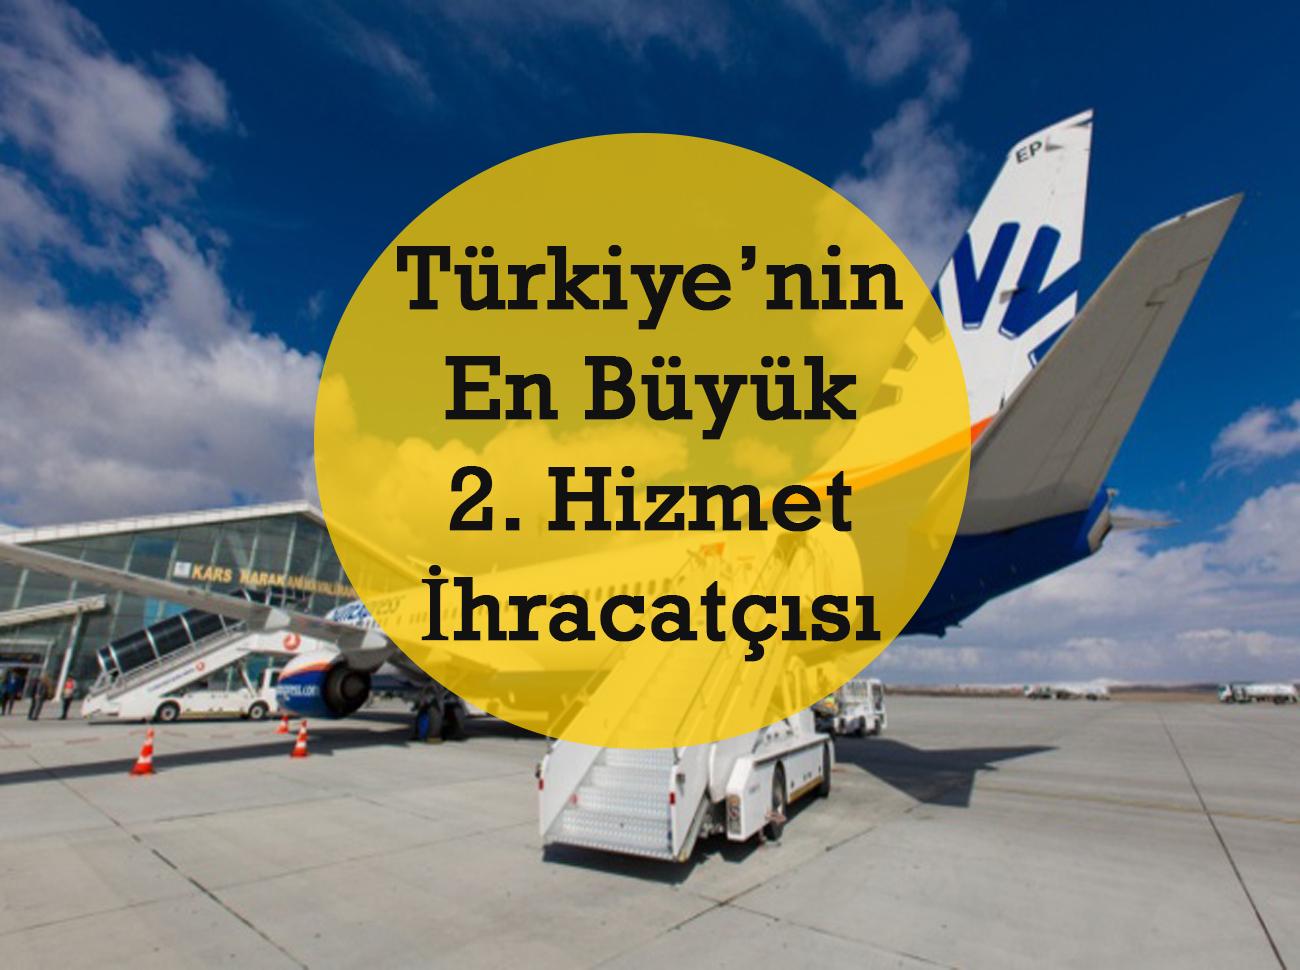 SunExpress Türkiye'nin En Büyük 2.Hizmet İhracatçısı Oldu